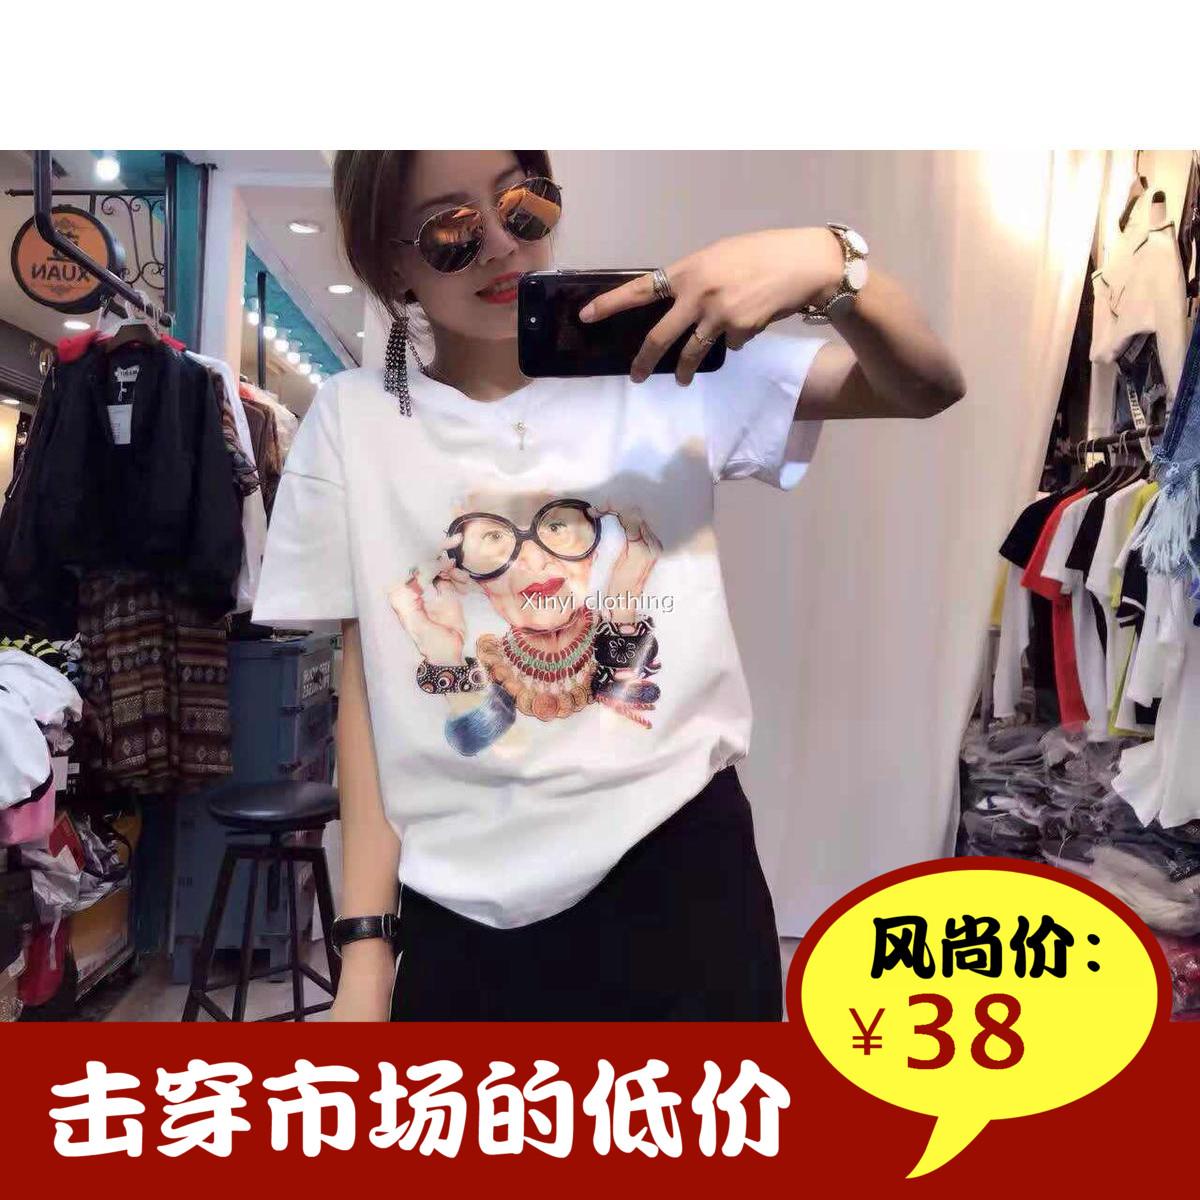 大門圓領老奶奶圖案韓國印花寬松上衣短袖打底